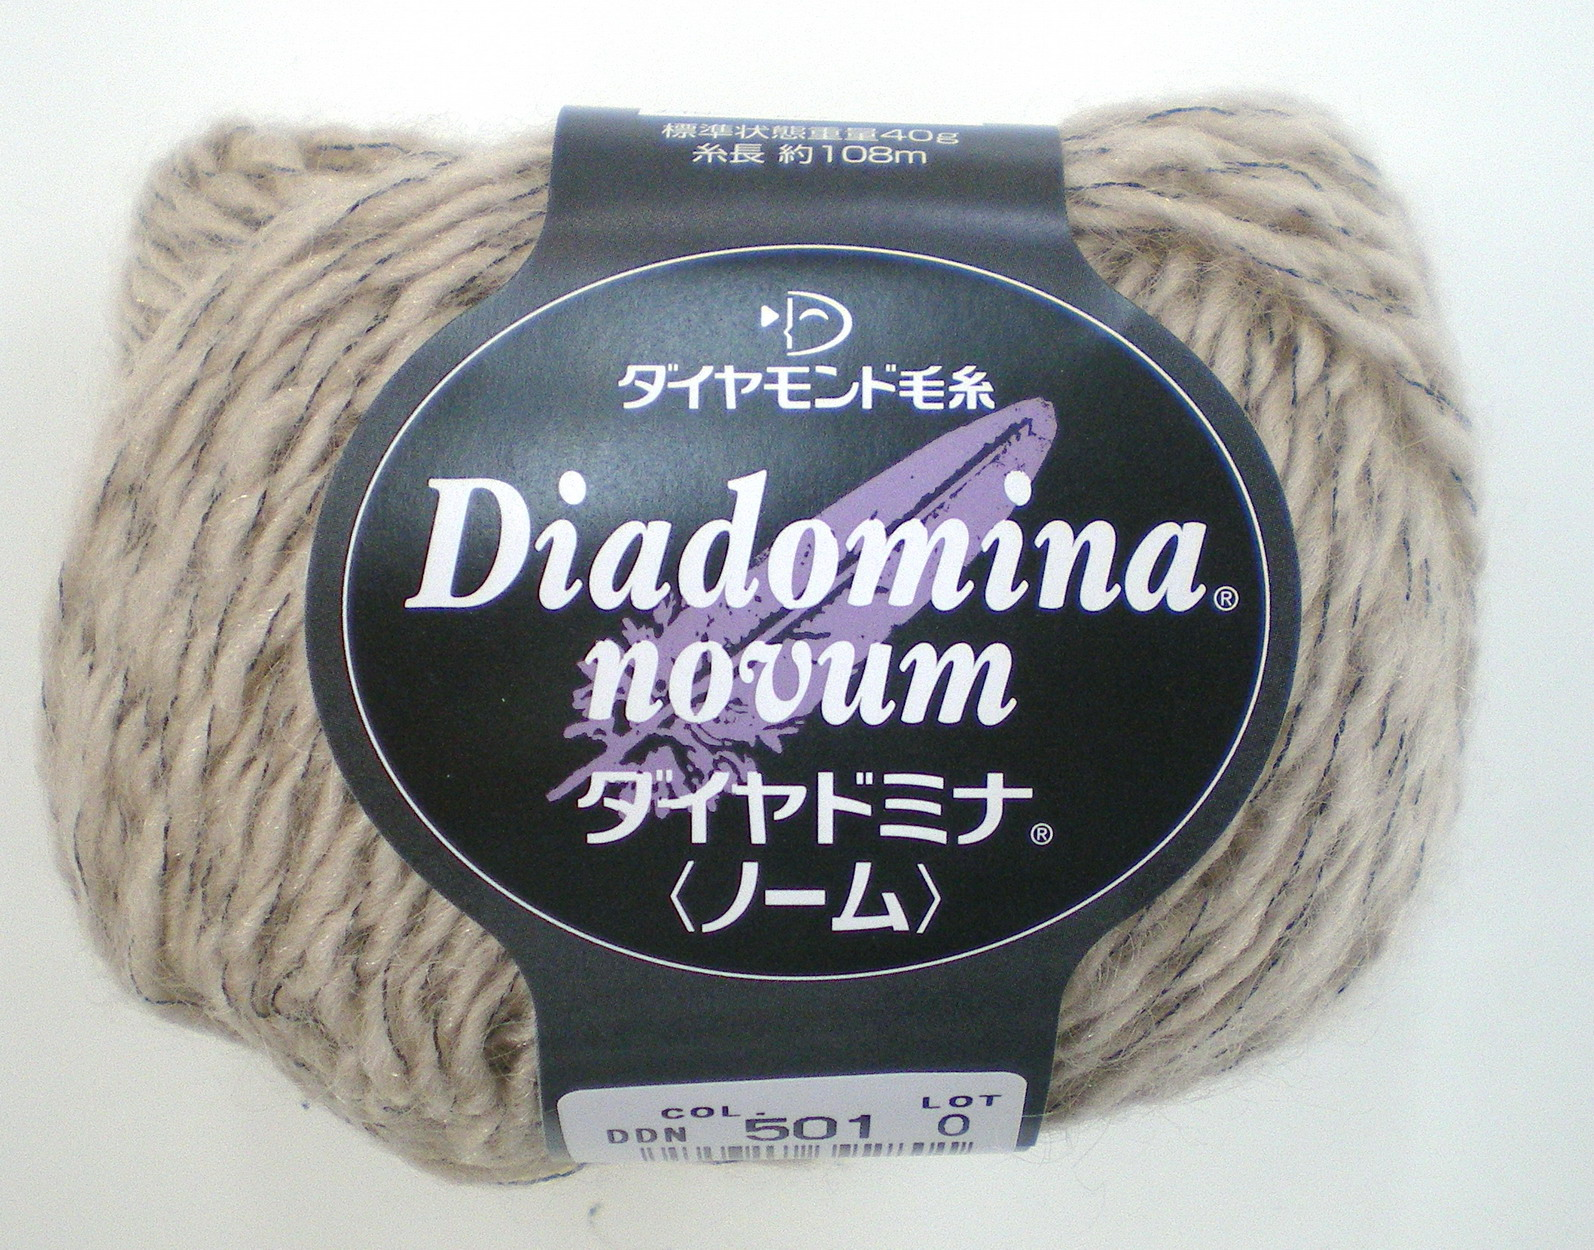 ウィンタークリアランス ダイヤドミナ 人気商品!が20%OFF 日本製